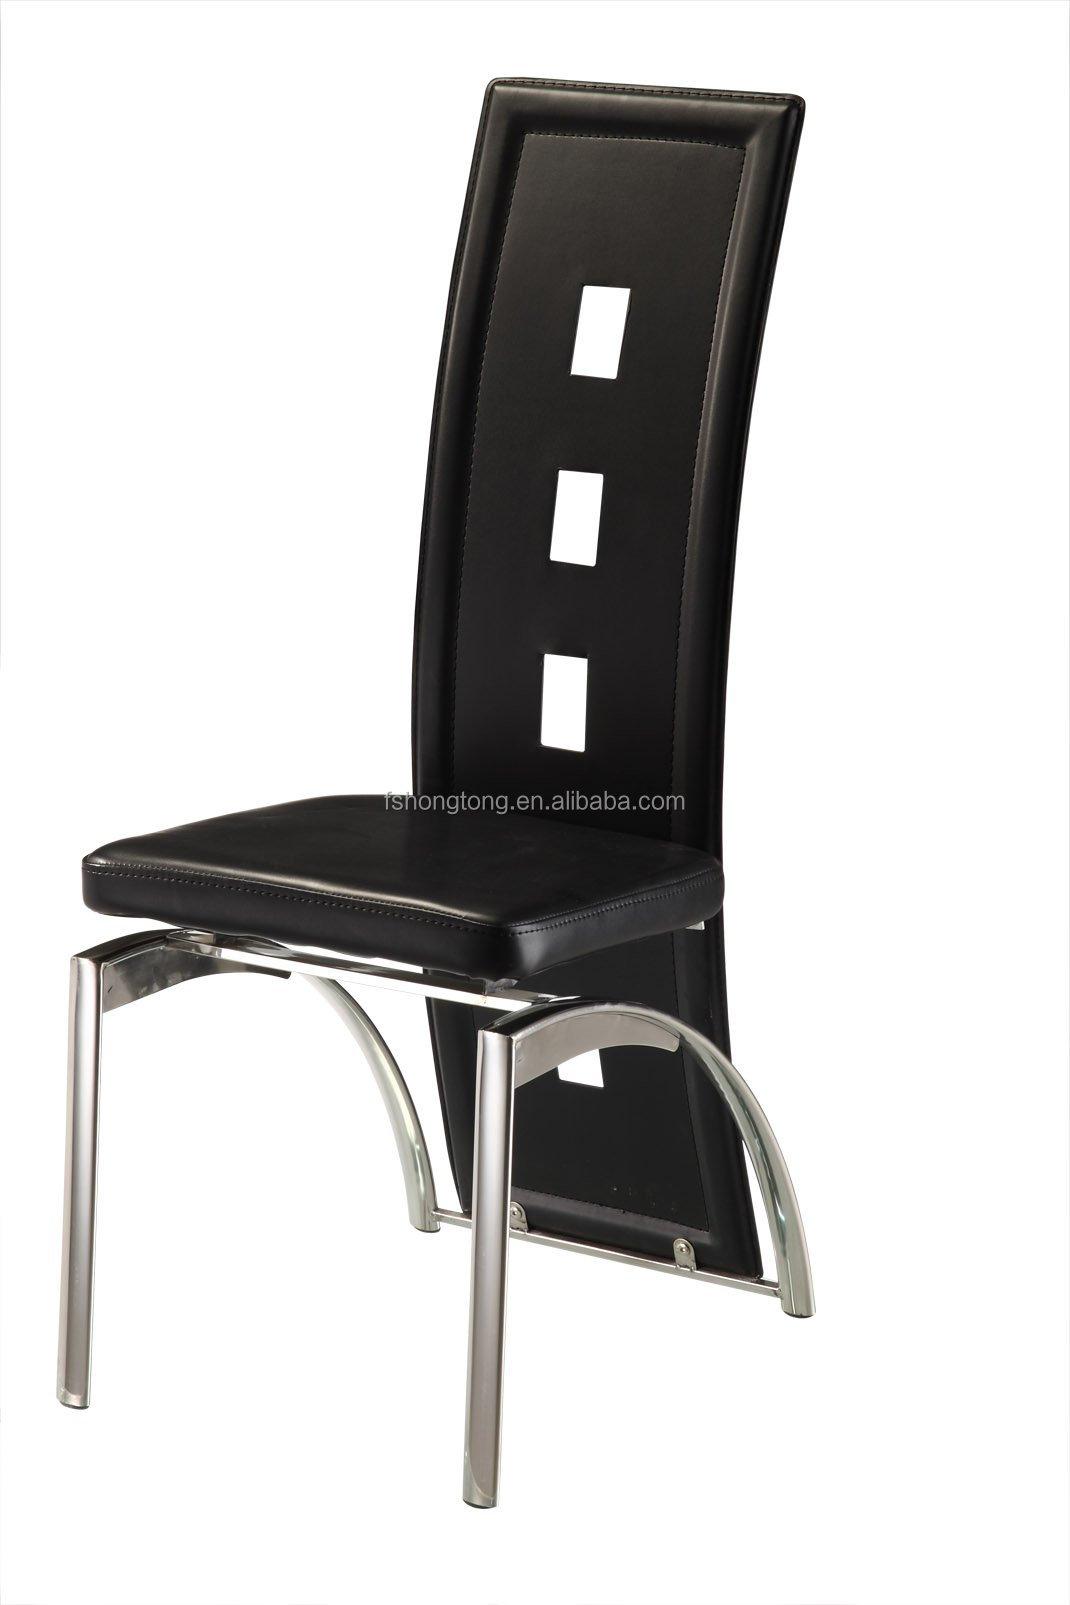 Acero cromado silla de comedor barato moderna silla de for Sillas modernas precios